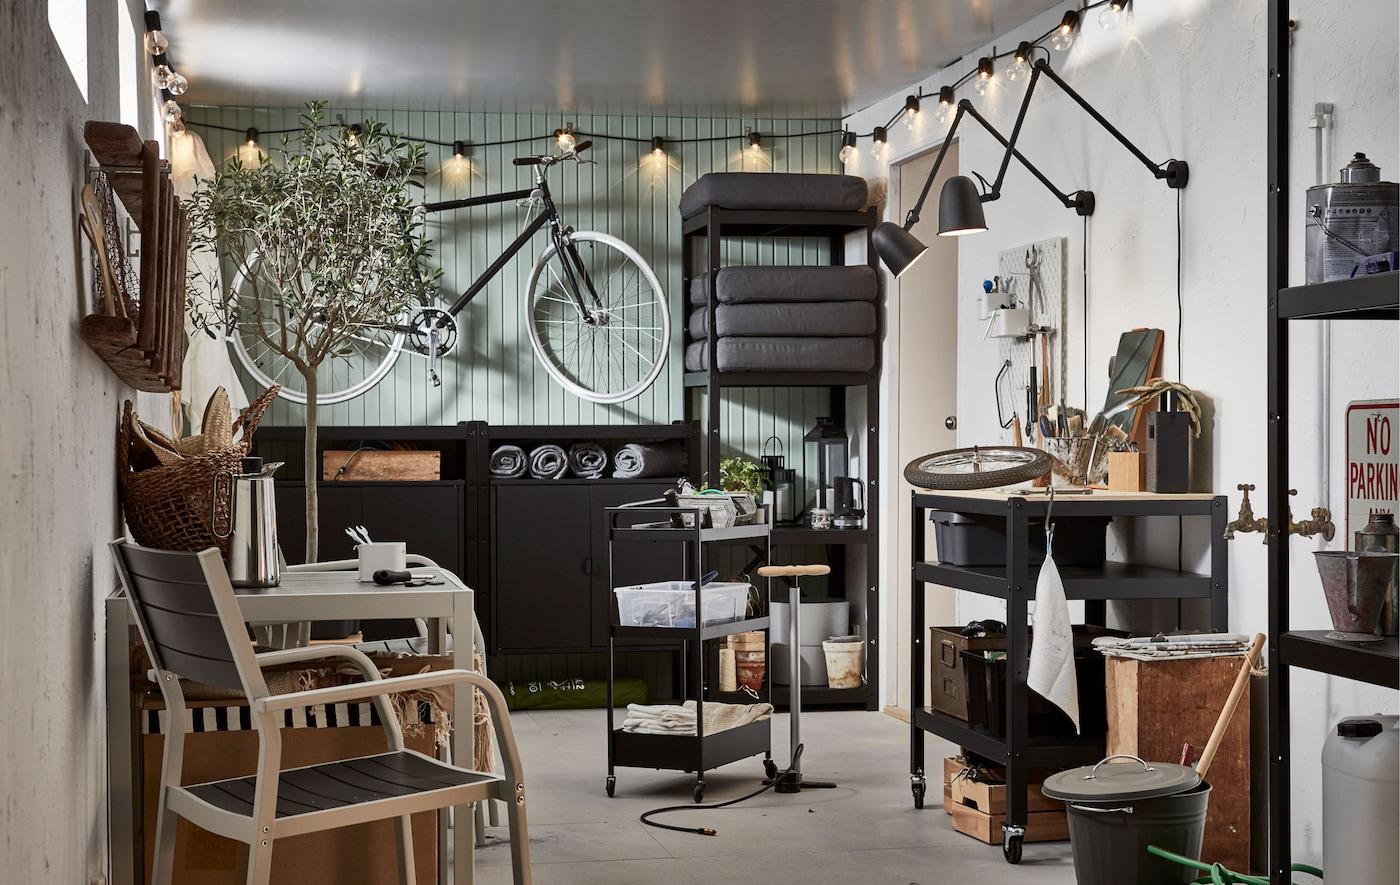 L'interno di un garage con una bicicletta fissata alla parete, scaffali con attrezzature per attività all'aperto; sedie, caffè, luci d'ambiente e funzionali - IKEA